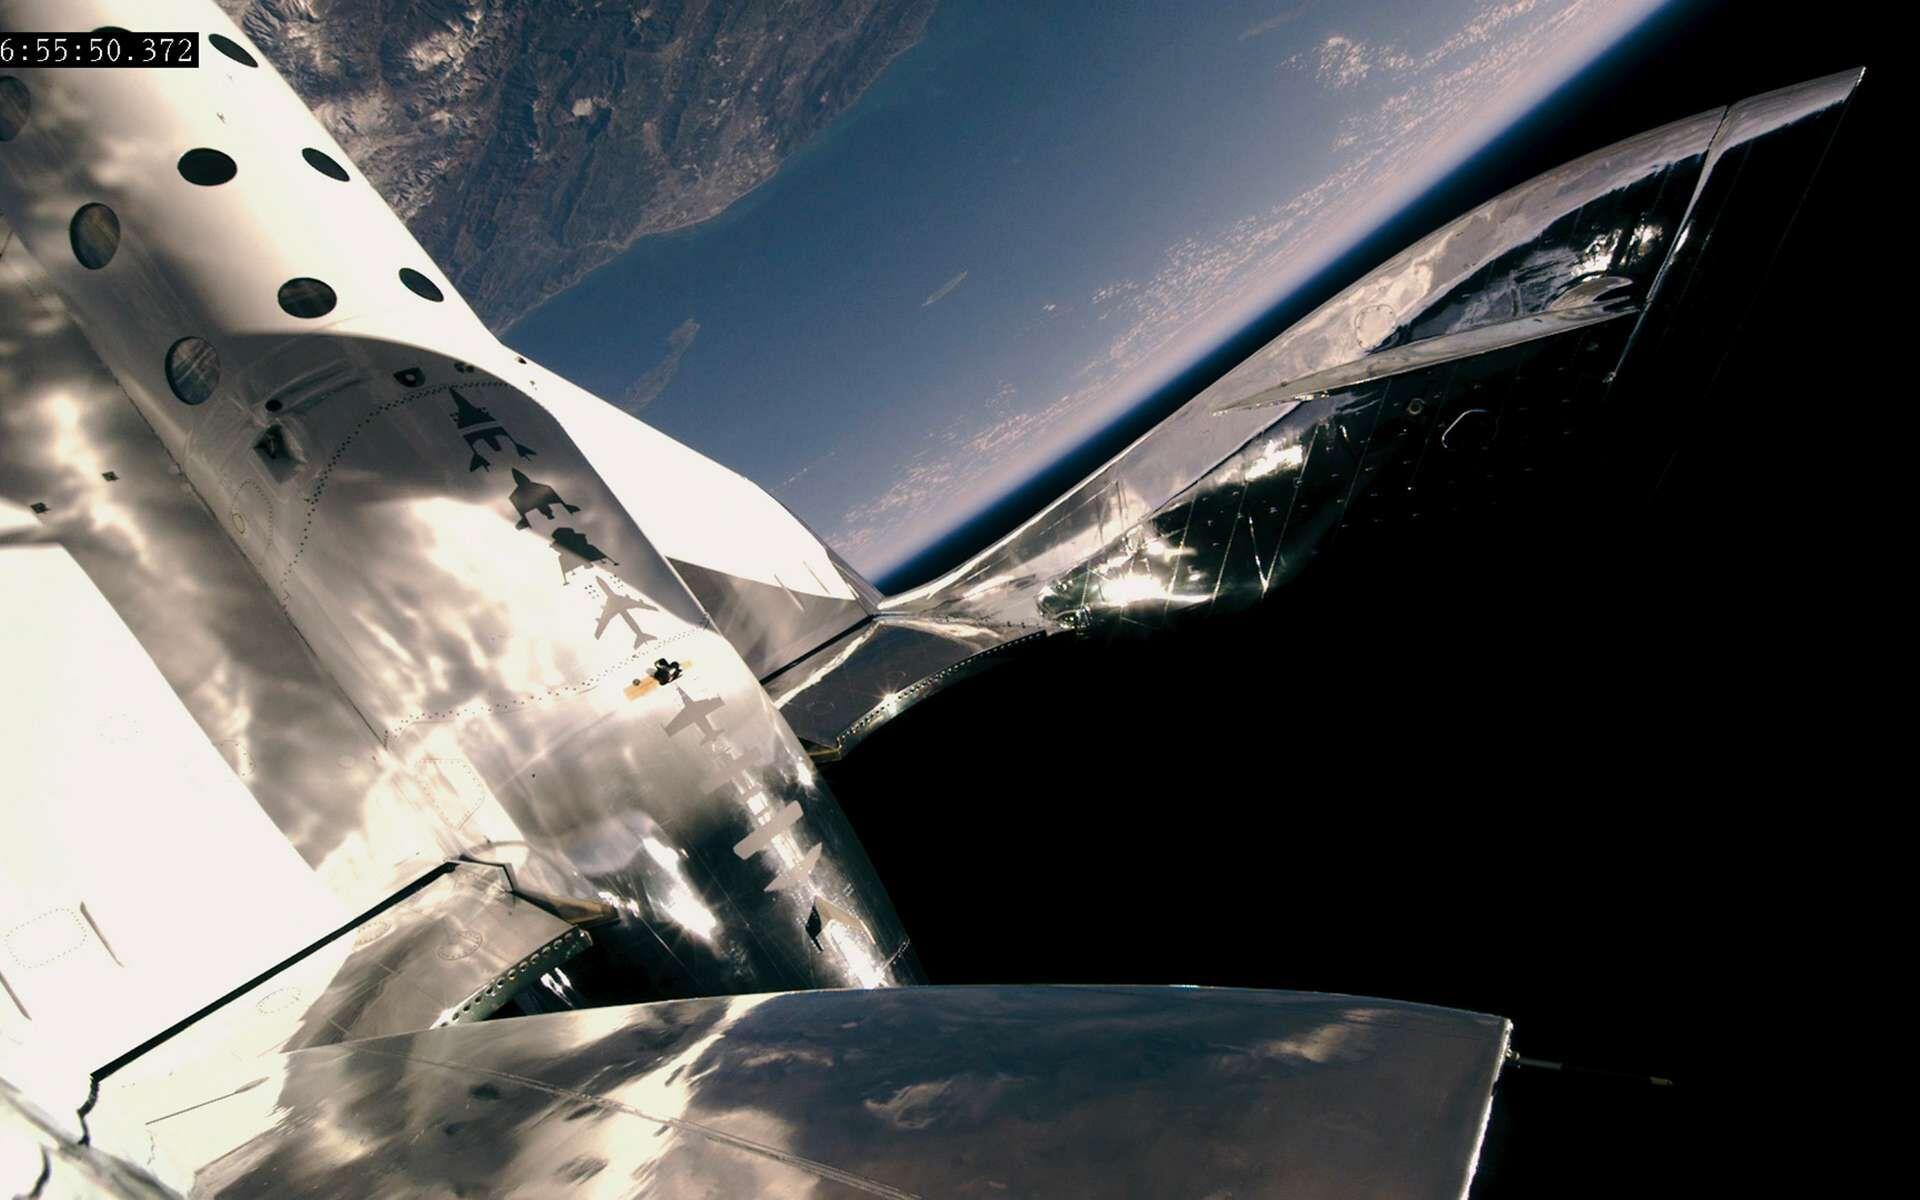 En montant plus haut que le SpaceShipTwo de Virgin Galactic, environ 20 kilomètres de plus, le New Shepard est resté plus longtemps en apesanteur, ce qui n'est pas seulement attrayant pour les passagers.